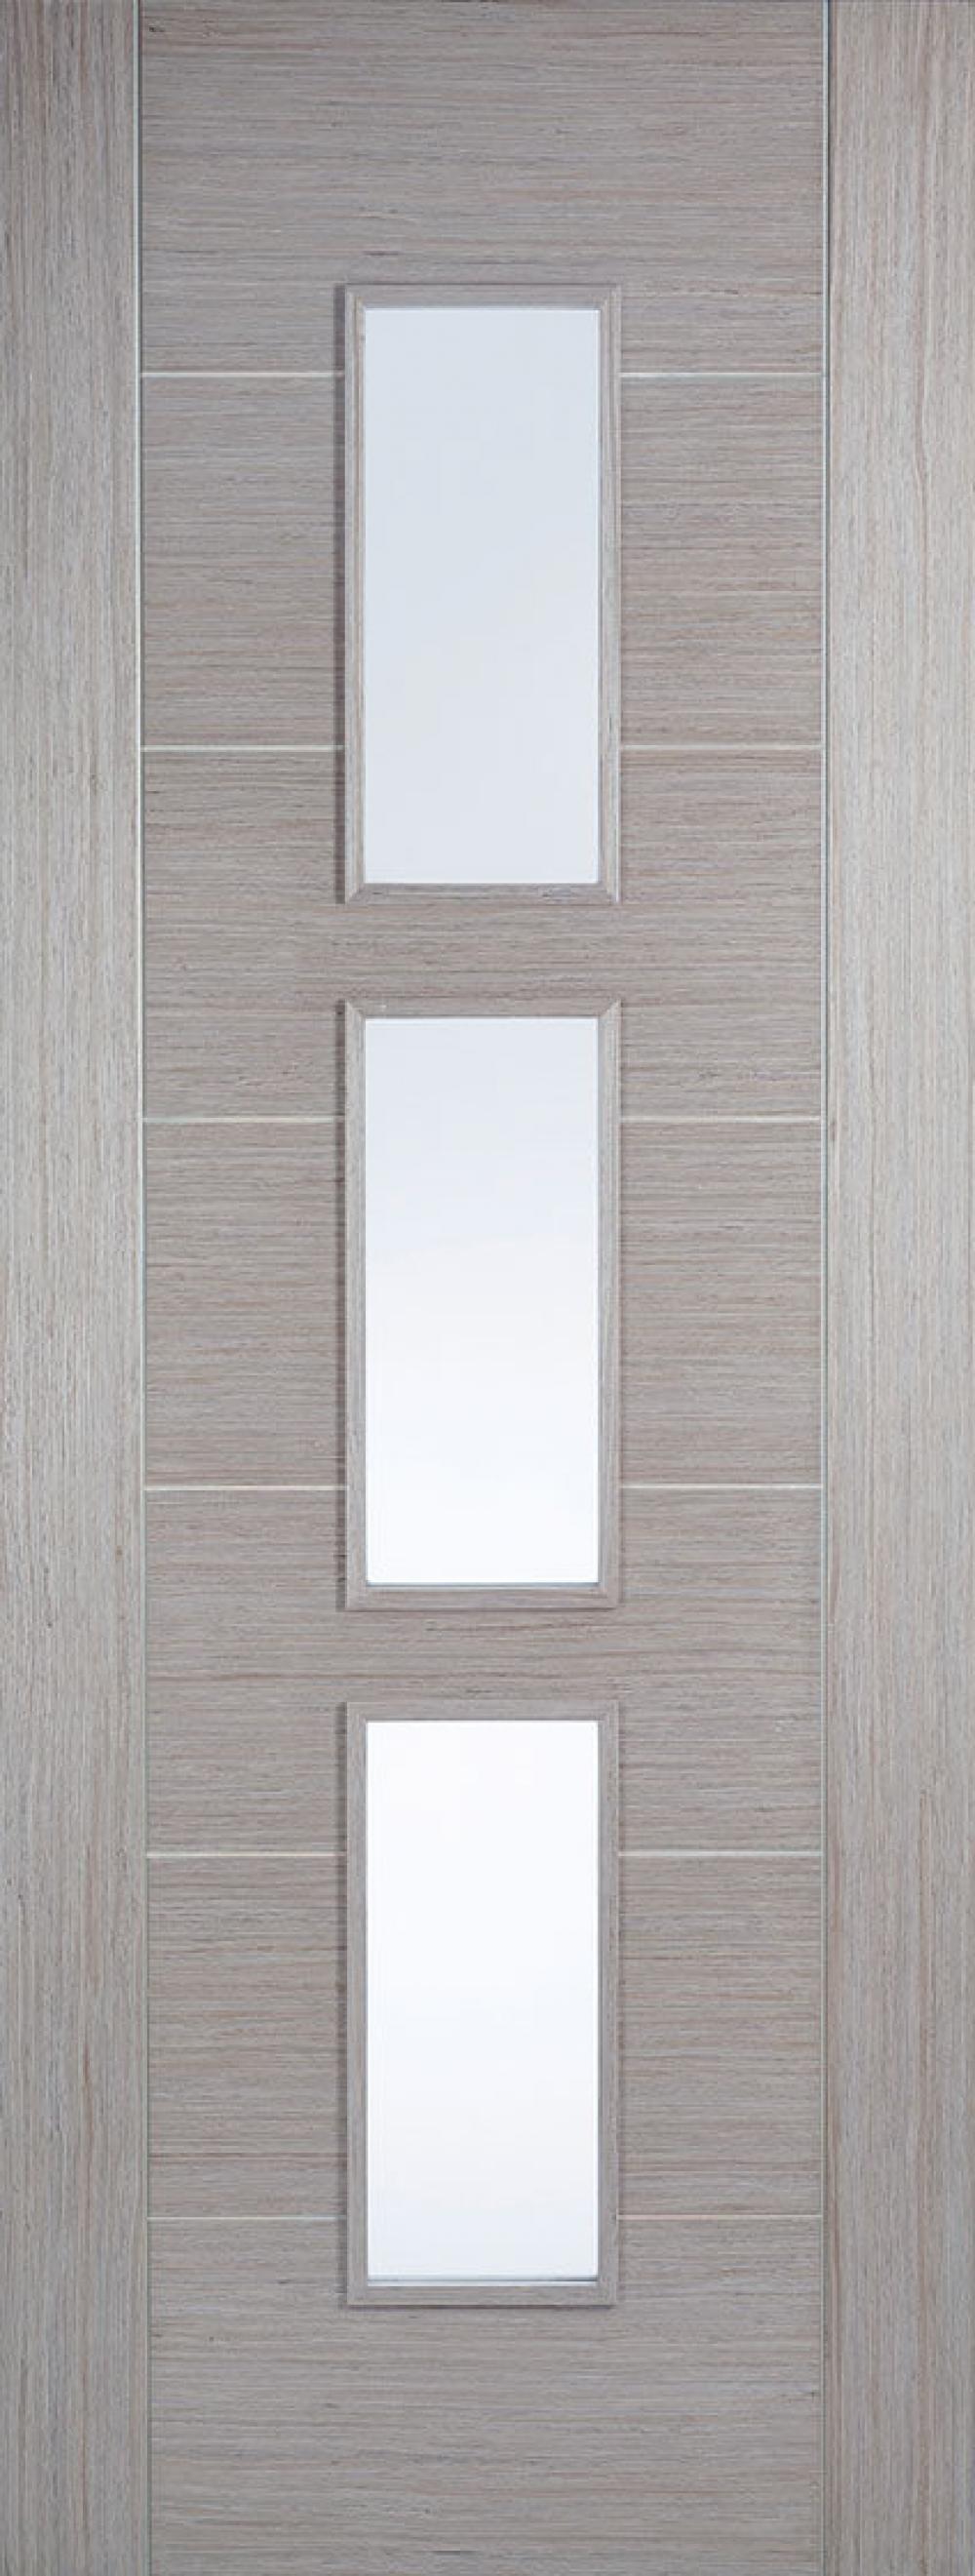 Hampshire Light Grey Glazed - PREFINISHED